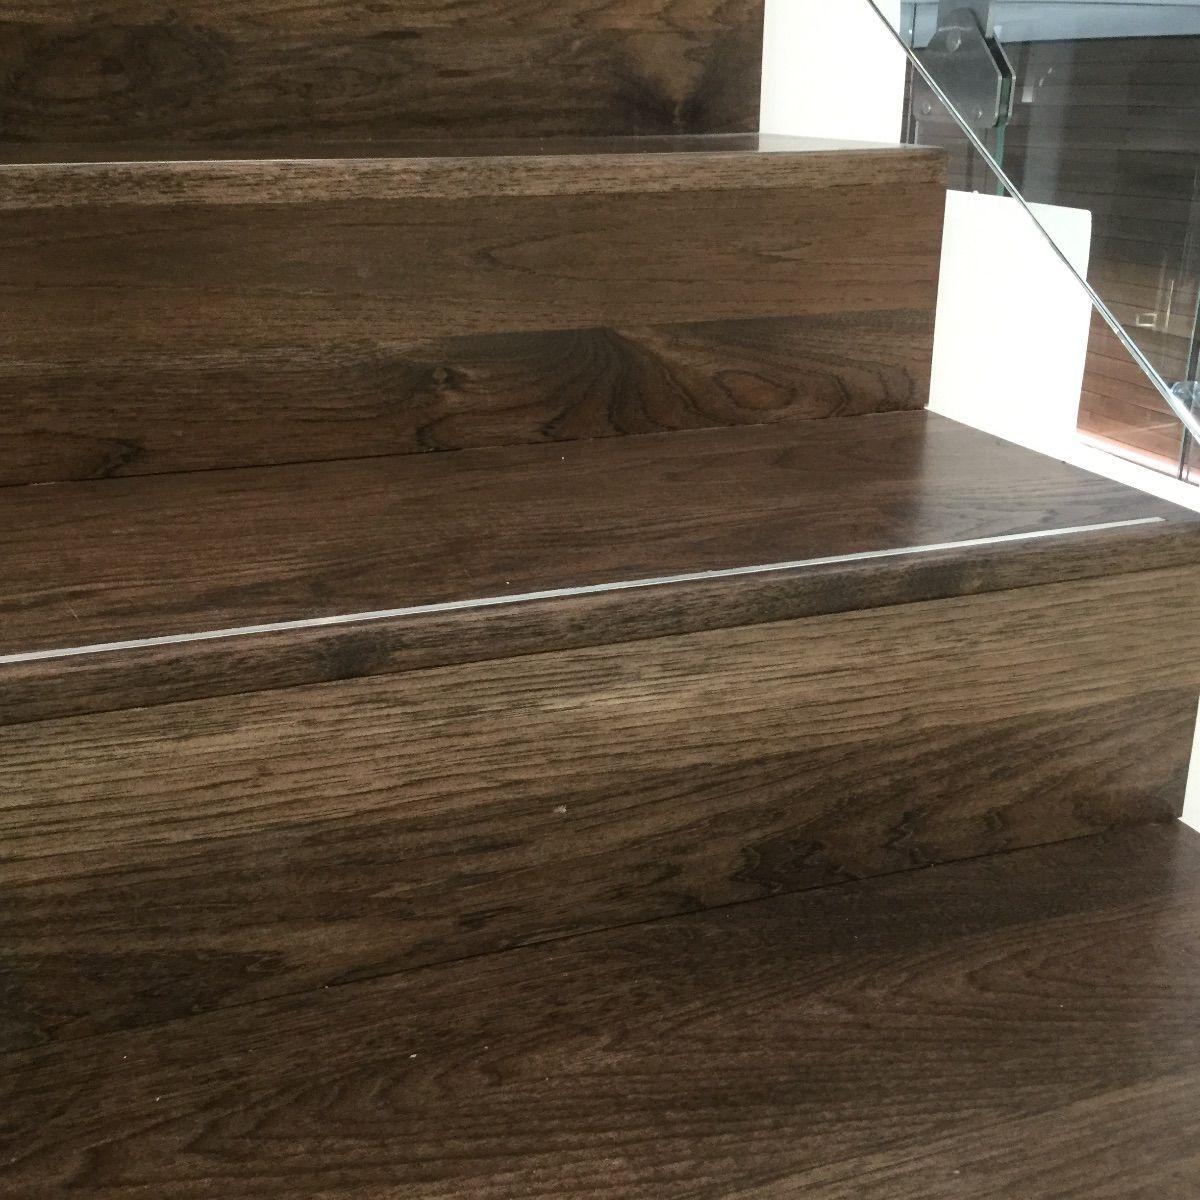 Pecan Treads Stained To Look Like Walnut Hardwood Floors Maple Floors Installing Hardwood Floors